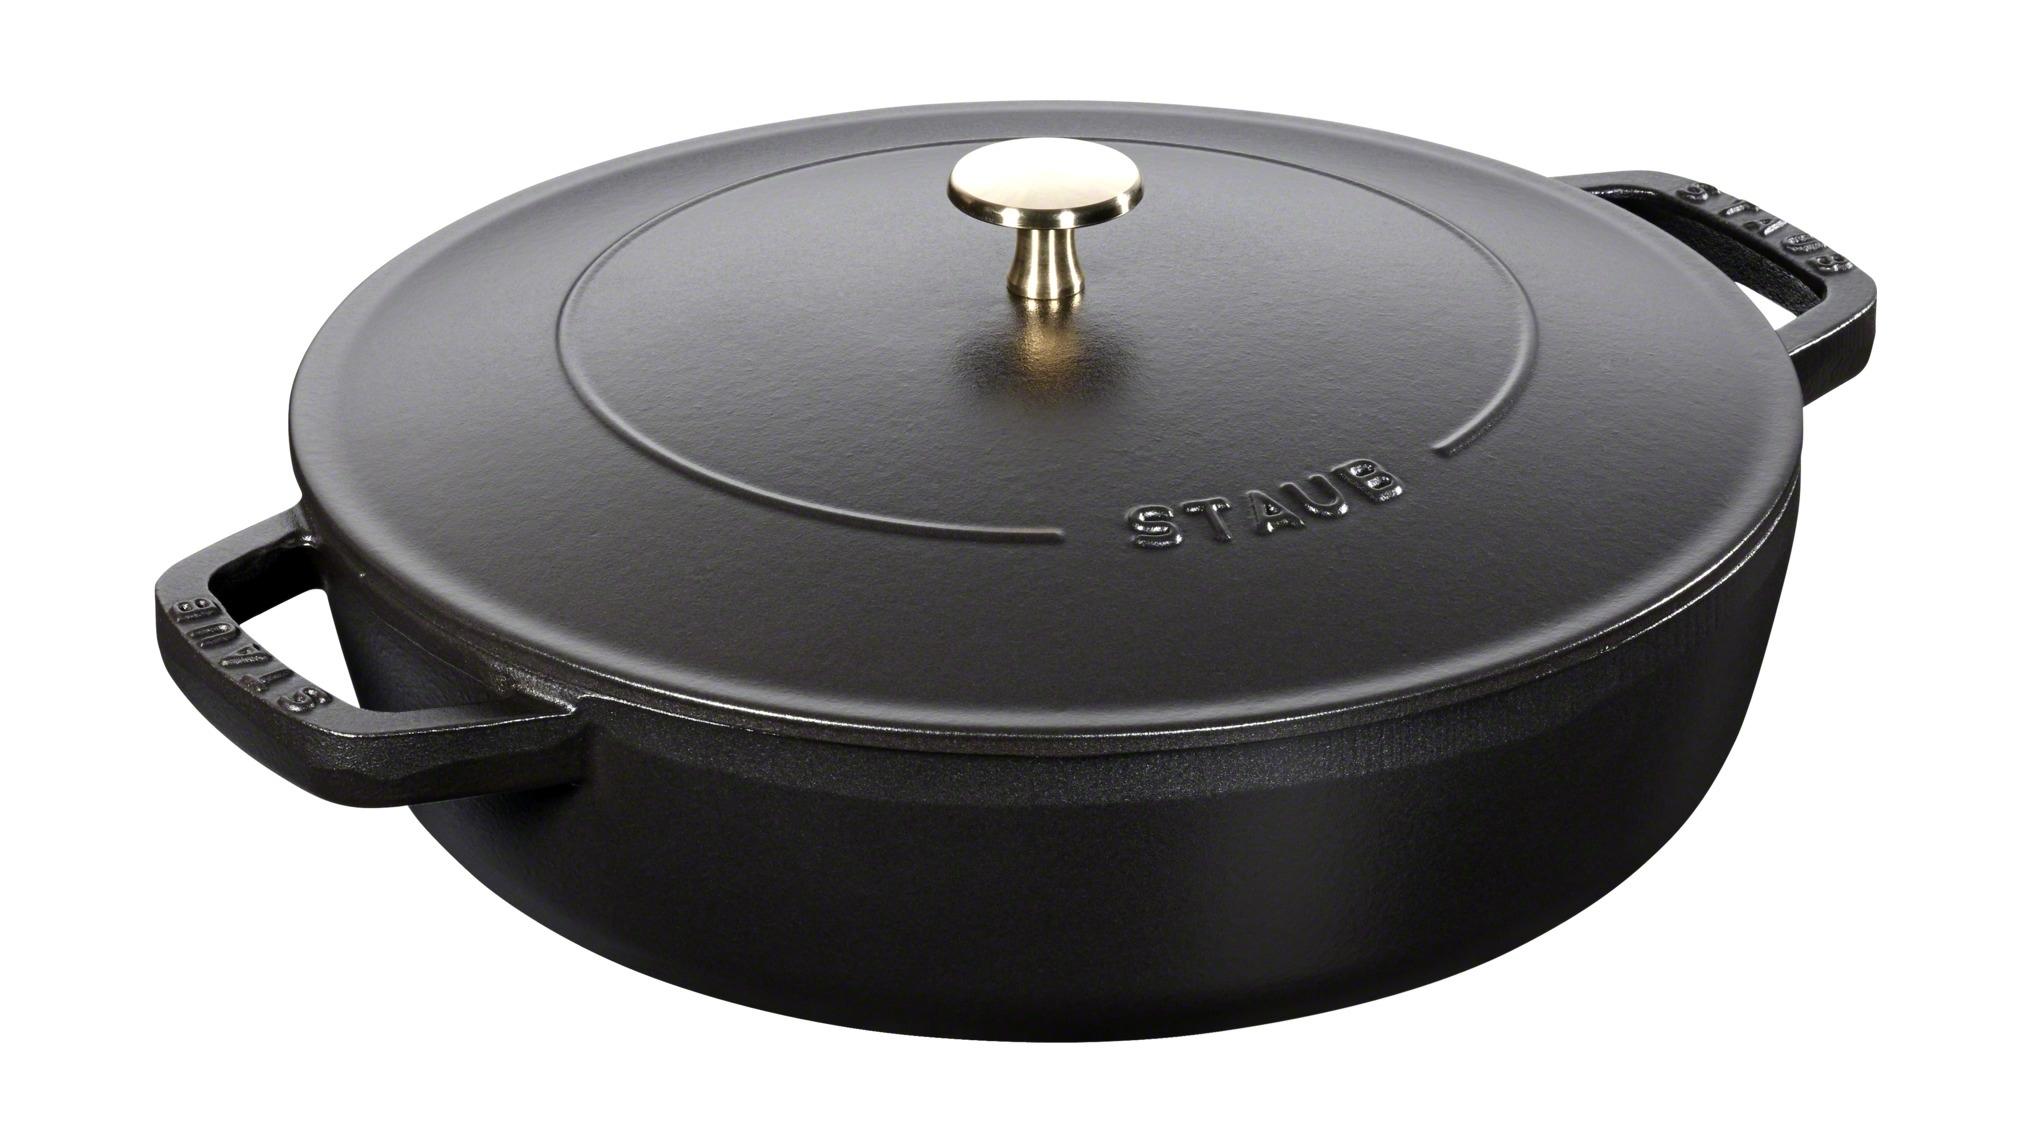 Купить Сотейник Staub чистера с чугунной крышкой, 28 см, 3, 7 л, черный 12612825